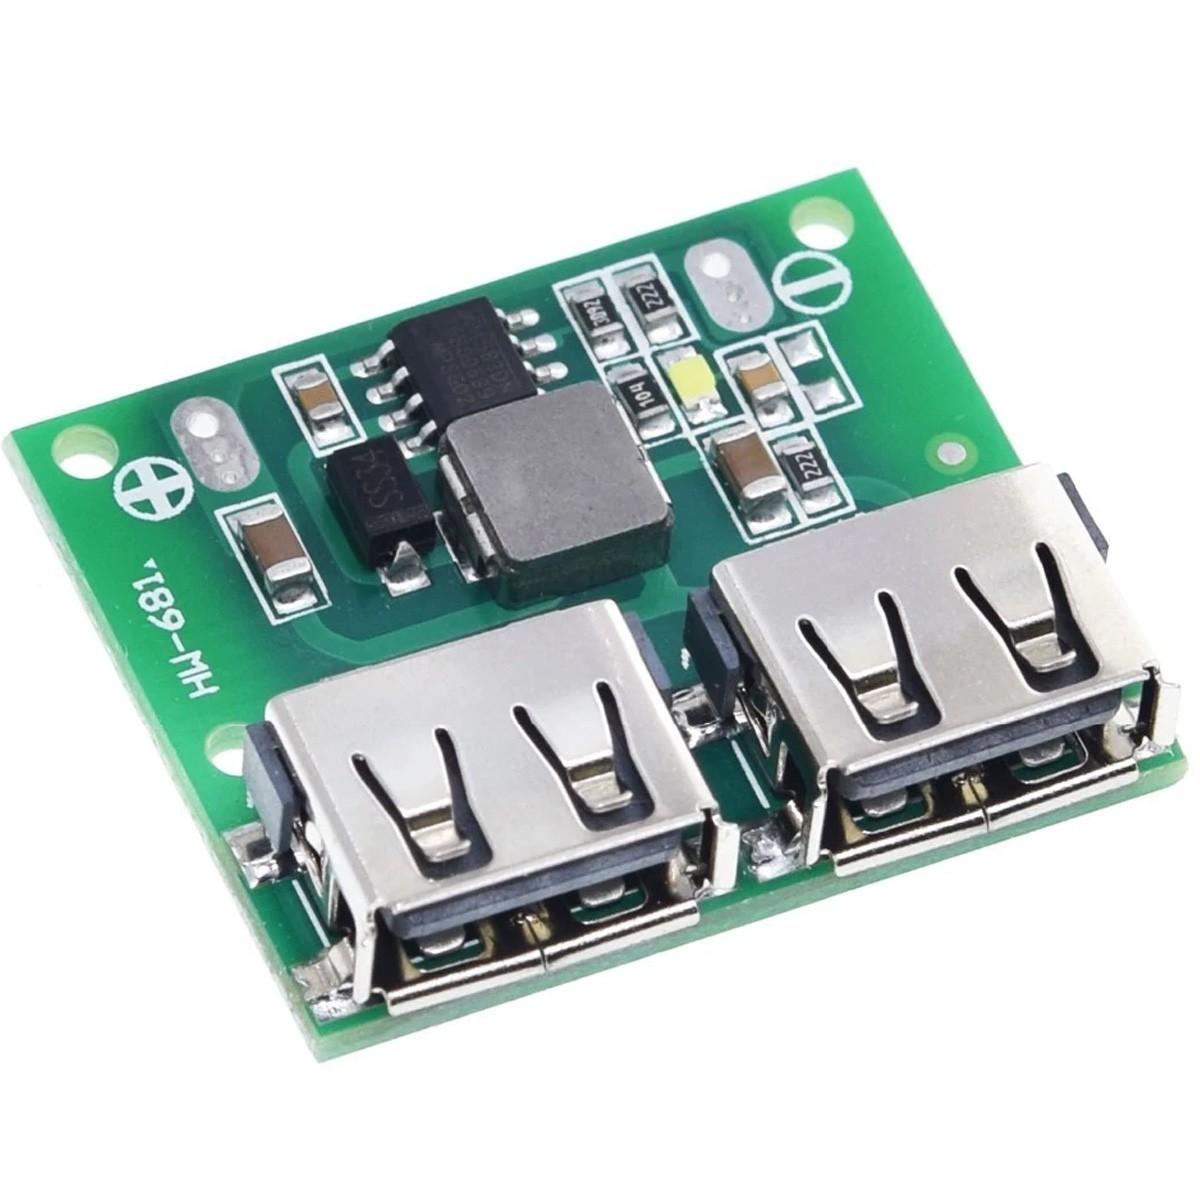 Regulador de Tensão USB Step Down com duas saídas 5V 3A